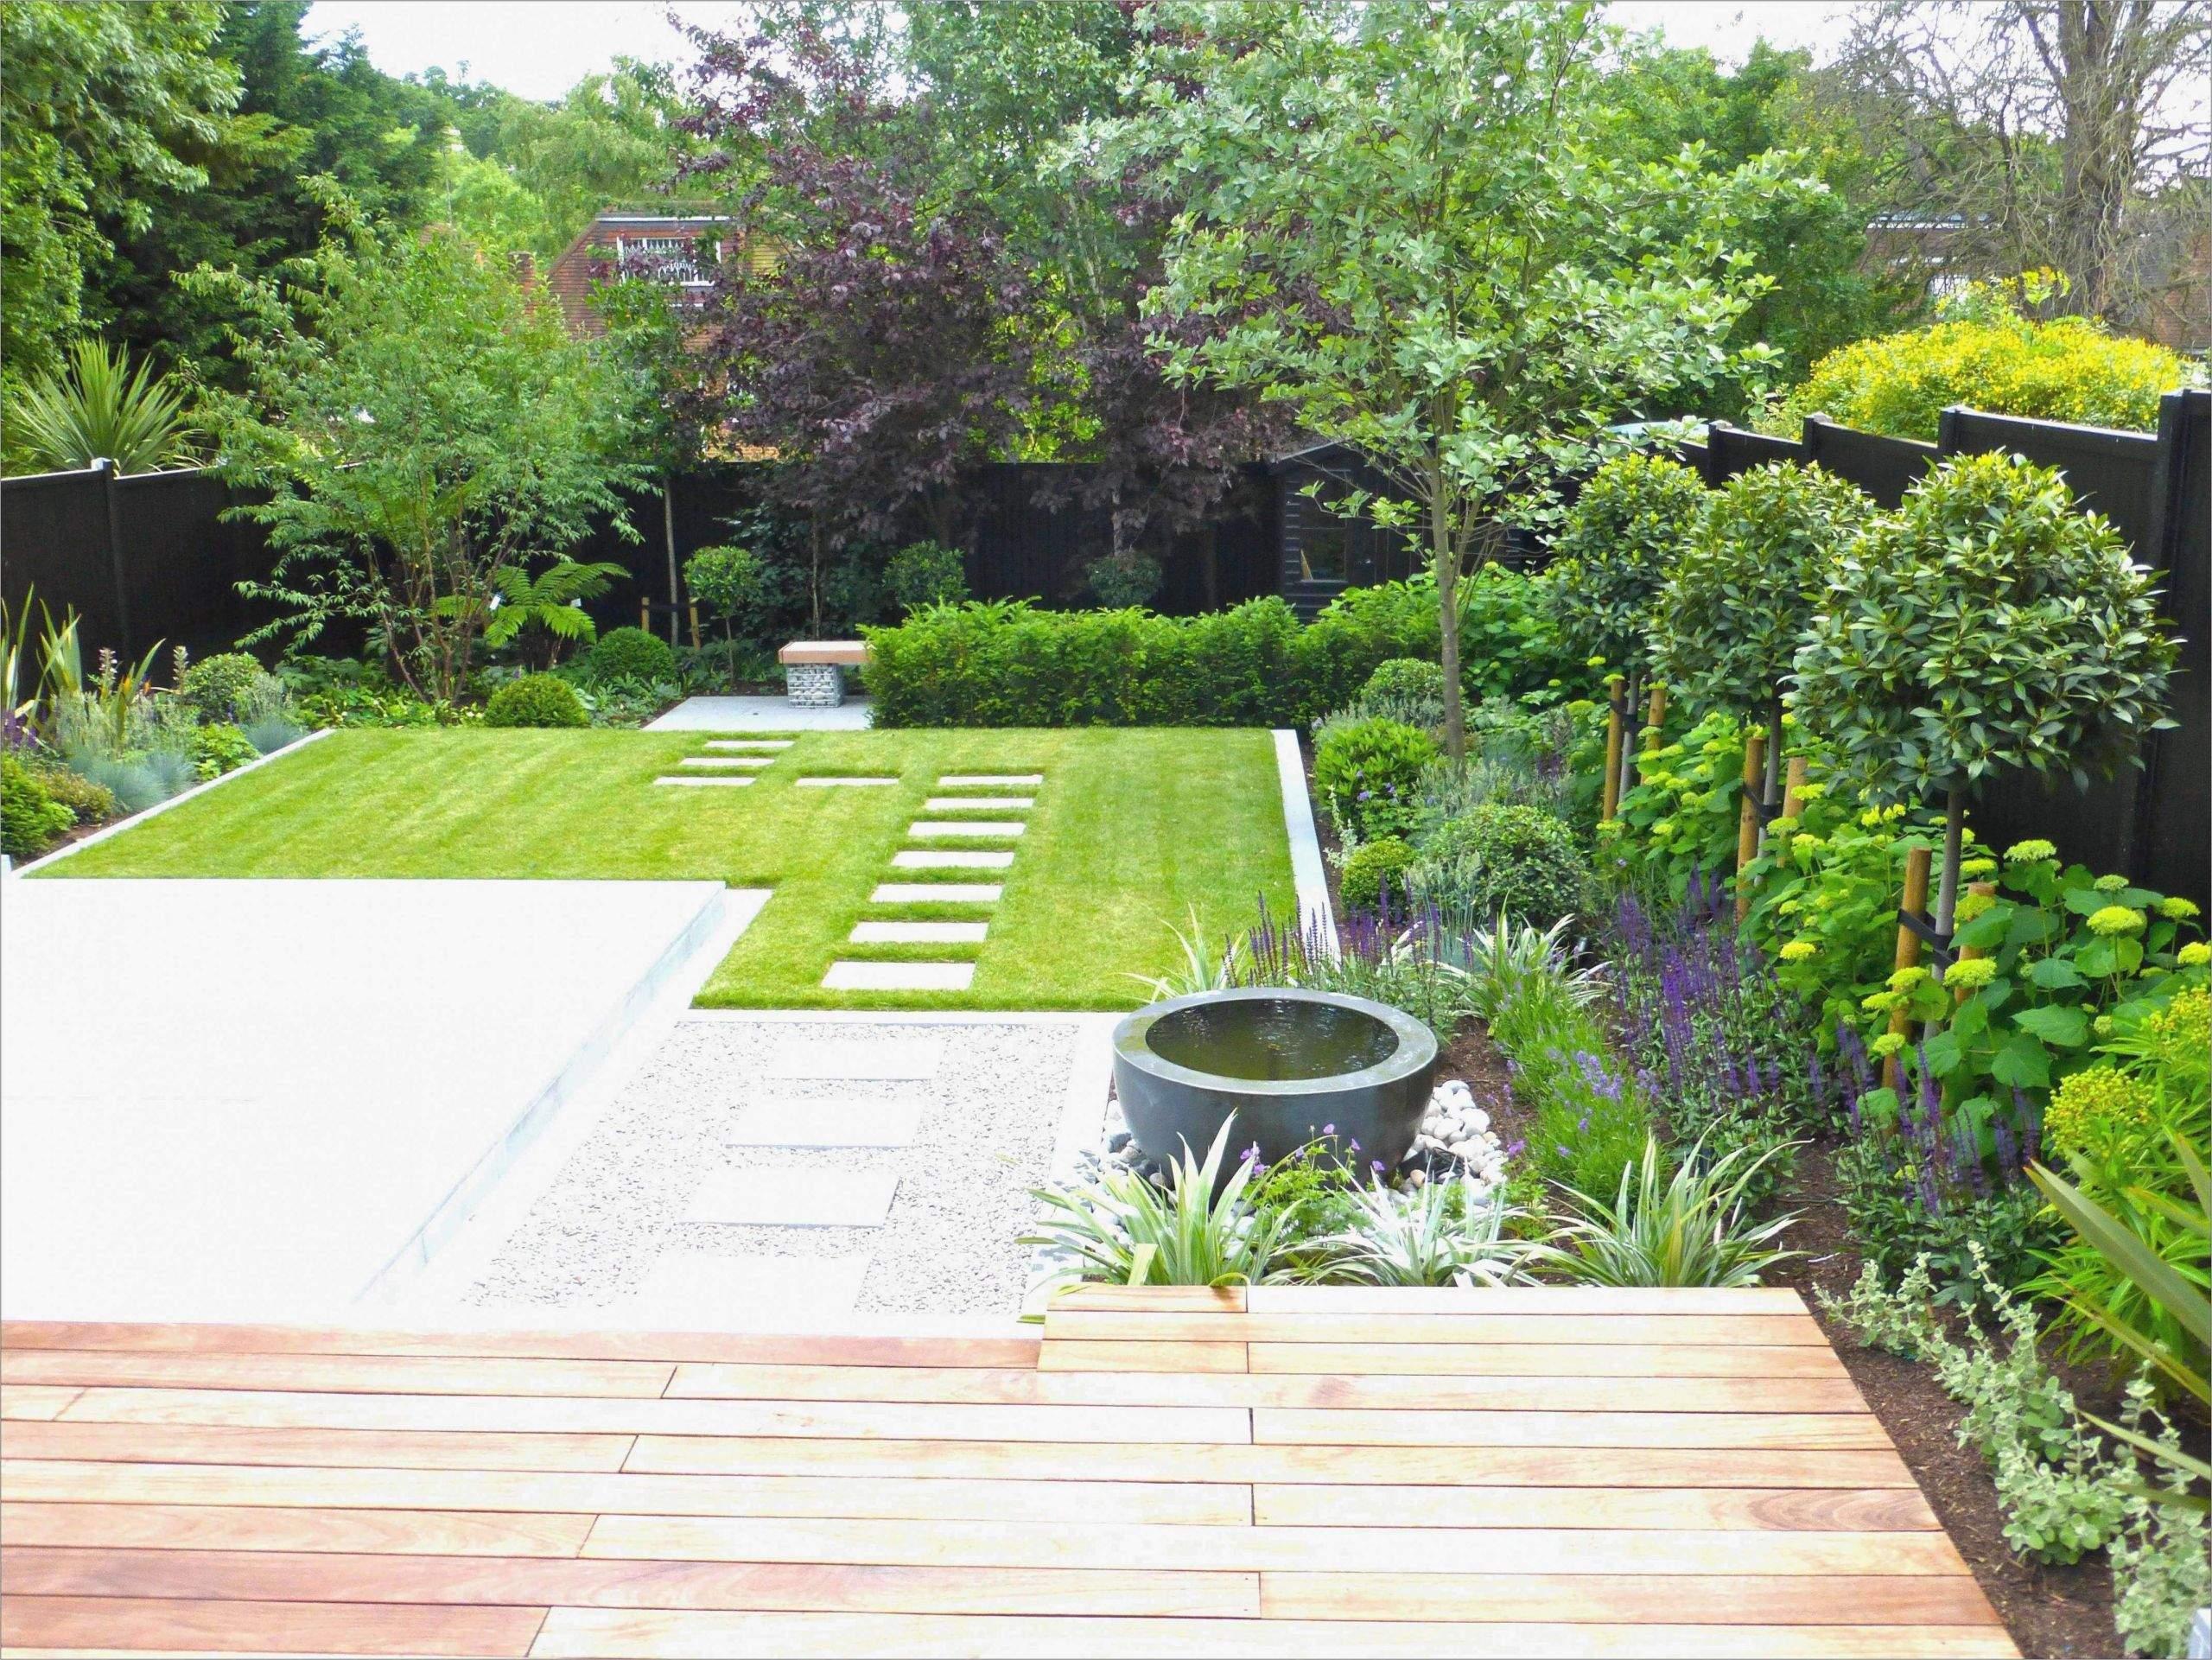 Holz Und Garten Luxus 40 Einzigartig Grillplatz Im Garten Selber Bauen Das Beste